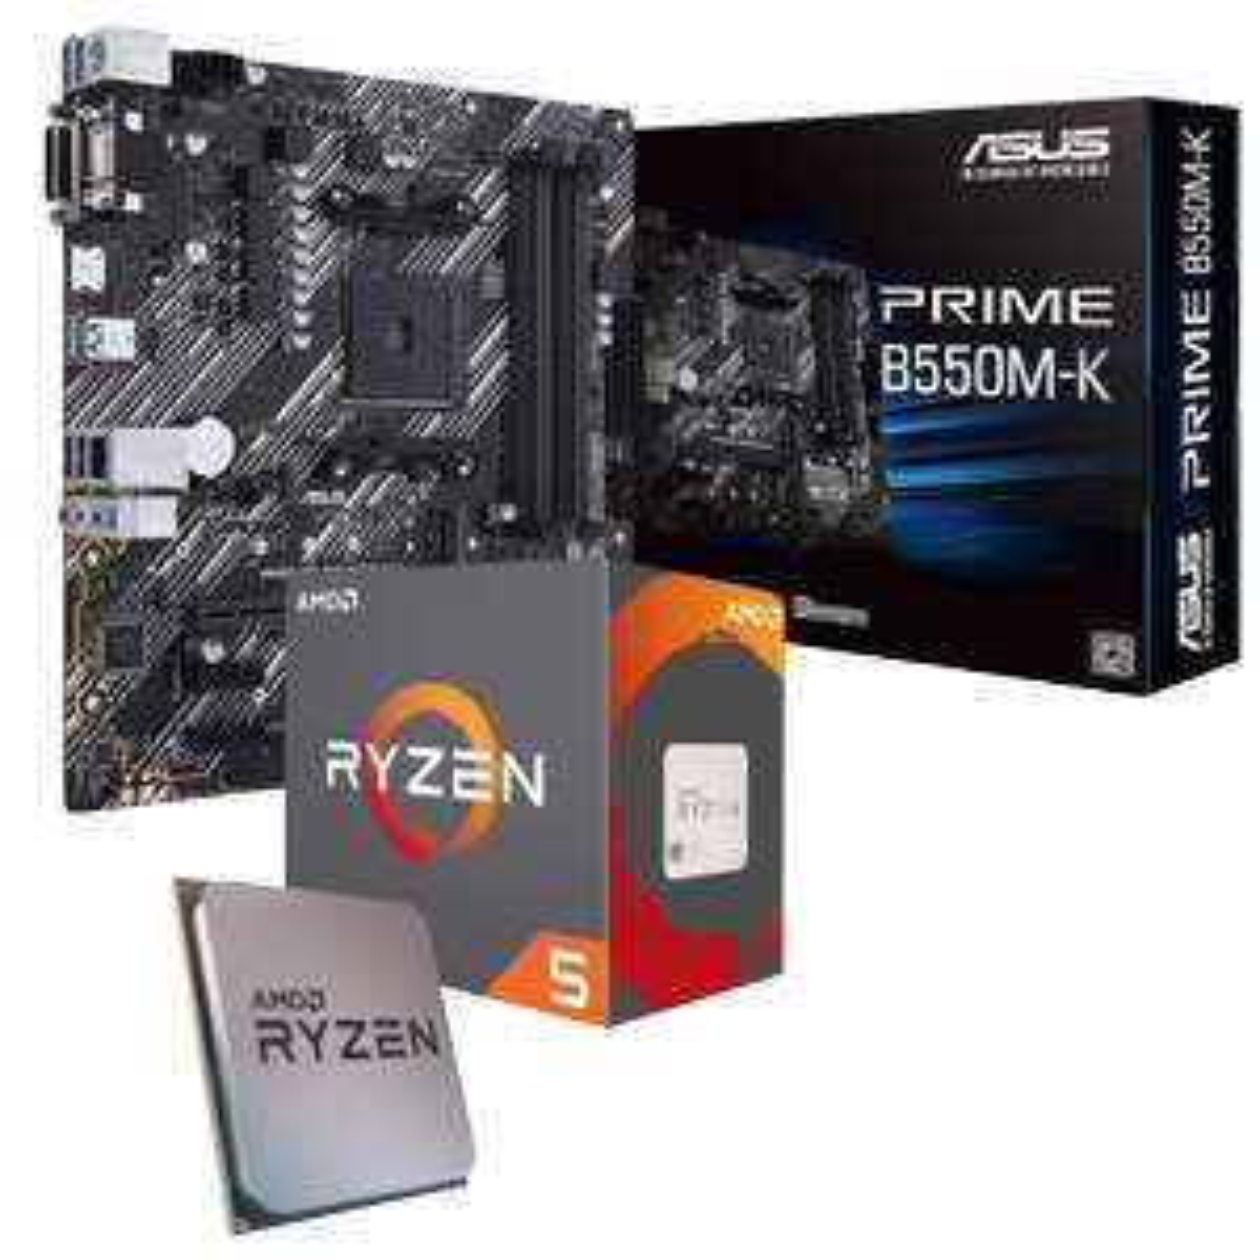 AMD Ryzen APU und Mainboard-Bundle (Ryzen 4650G & MSI B550M Pro-VDH WiFi) Nutzt den Gutschein!